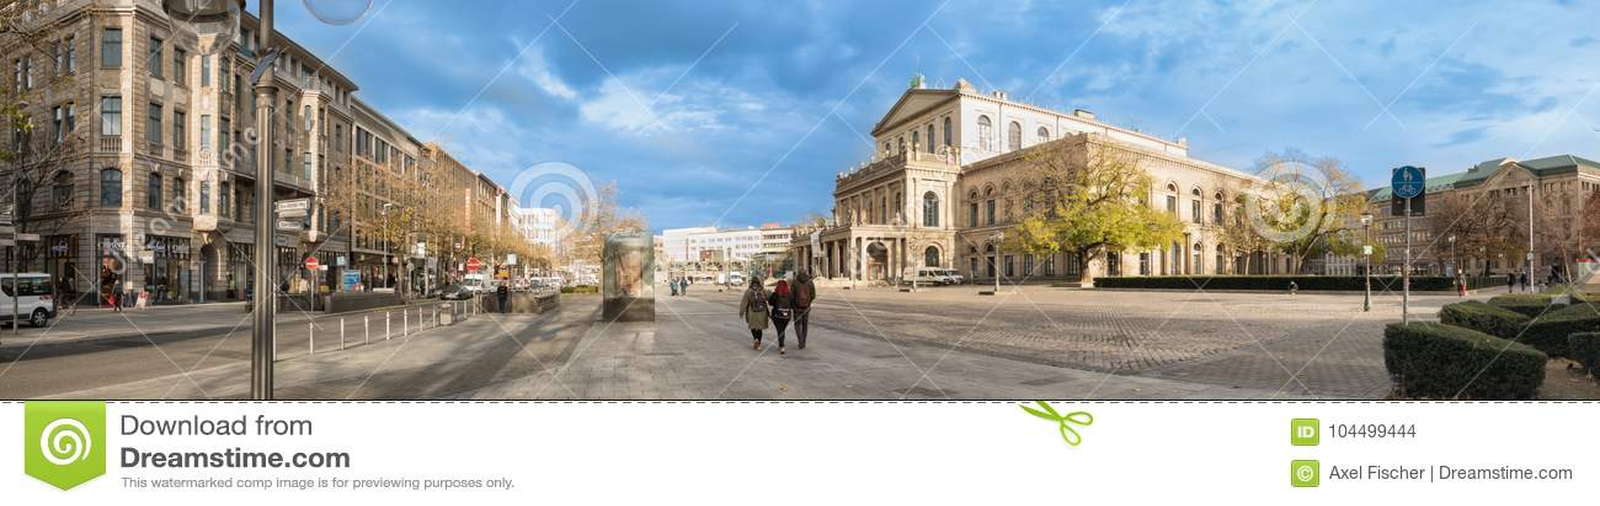 HANNOVER, GERMANIA - 23 NOVEMBRE 2017: I pedestrants non identificati attraversano il posto di ganrd davanti al teatro dell opera